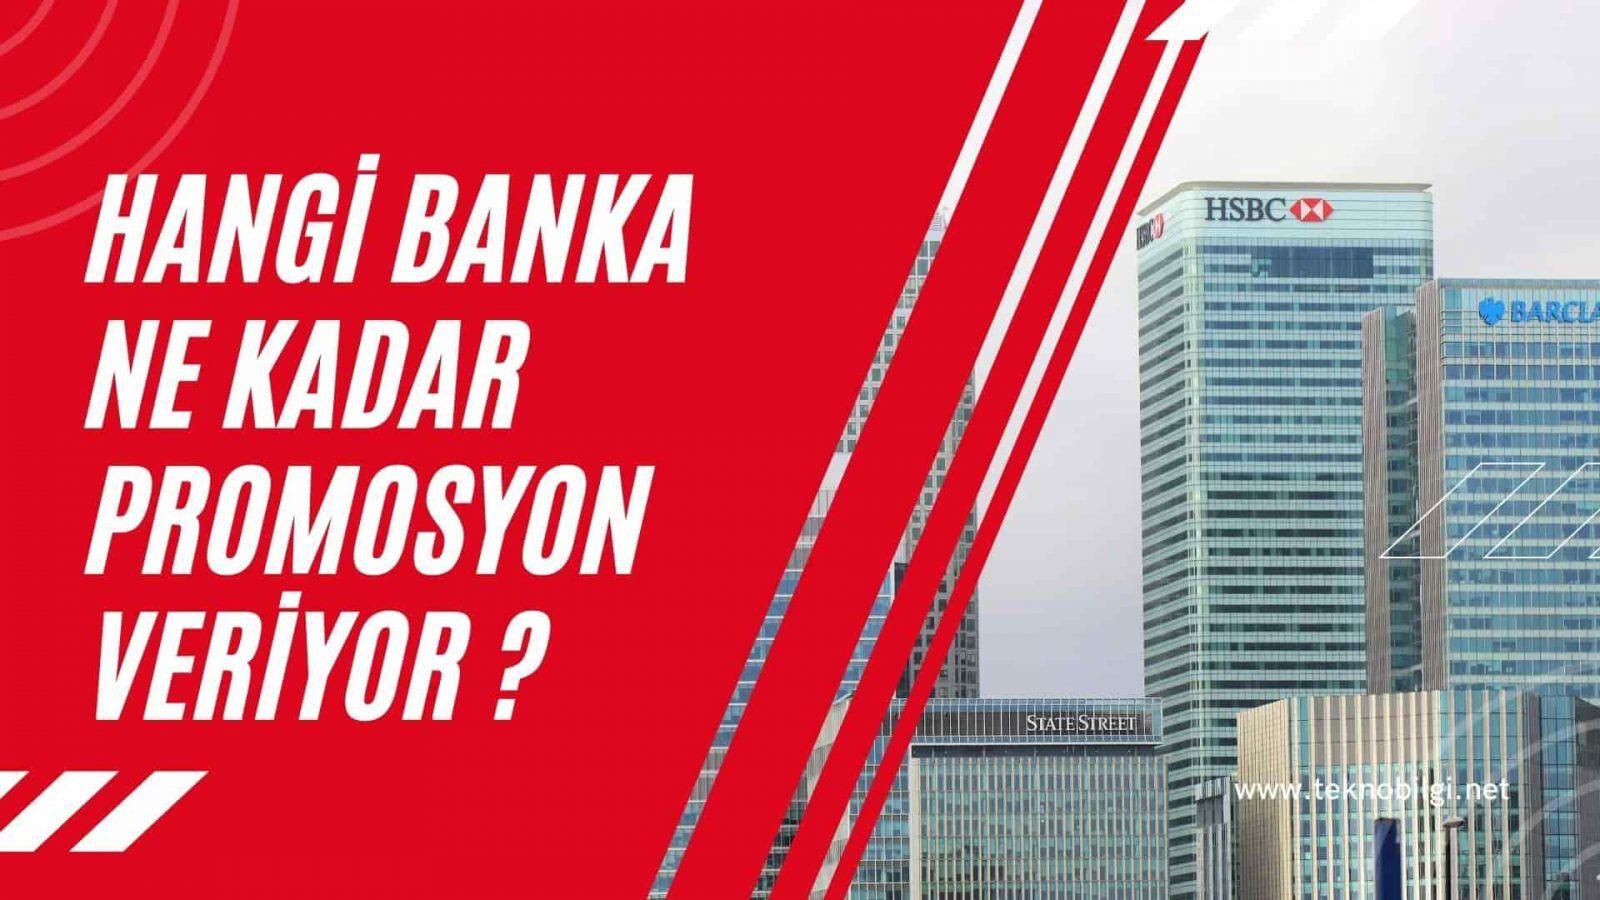 Hangi Banka Ne Kadar Promosyon Veriyor ?